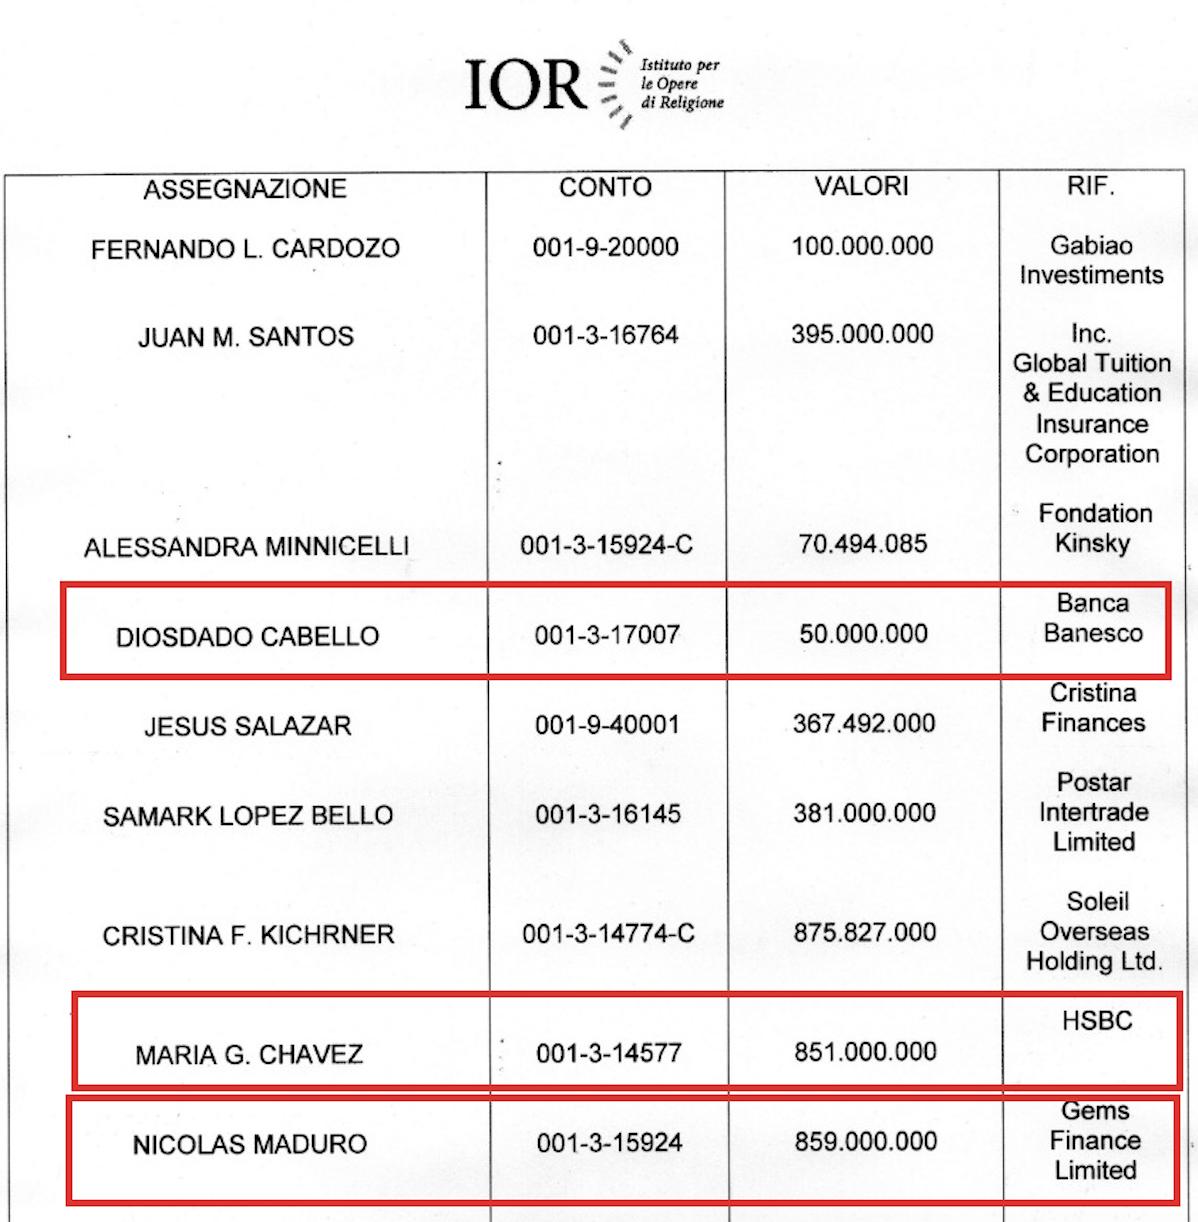 ior-venezuela.png